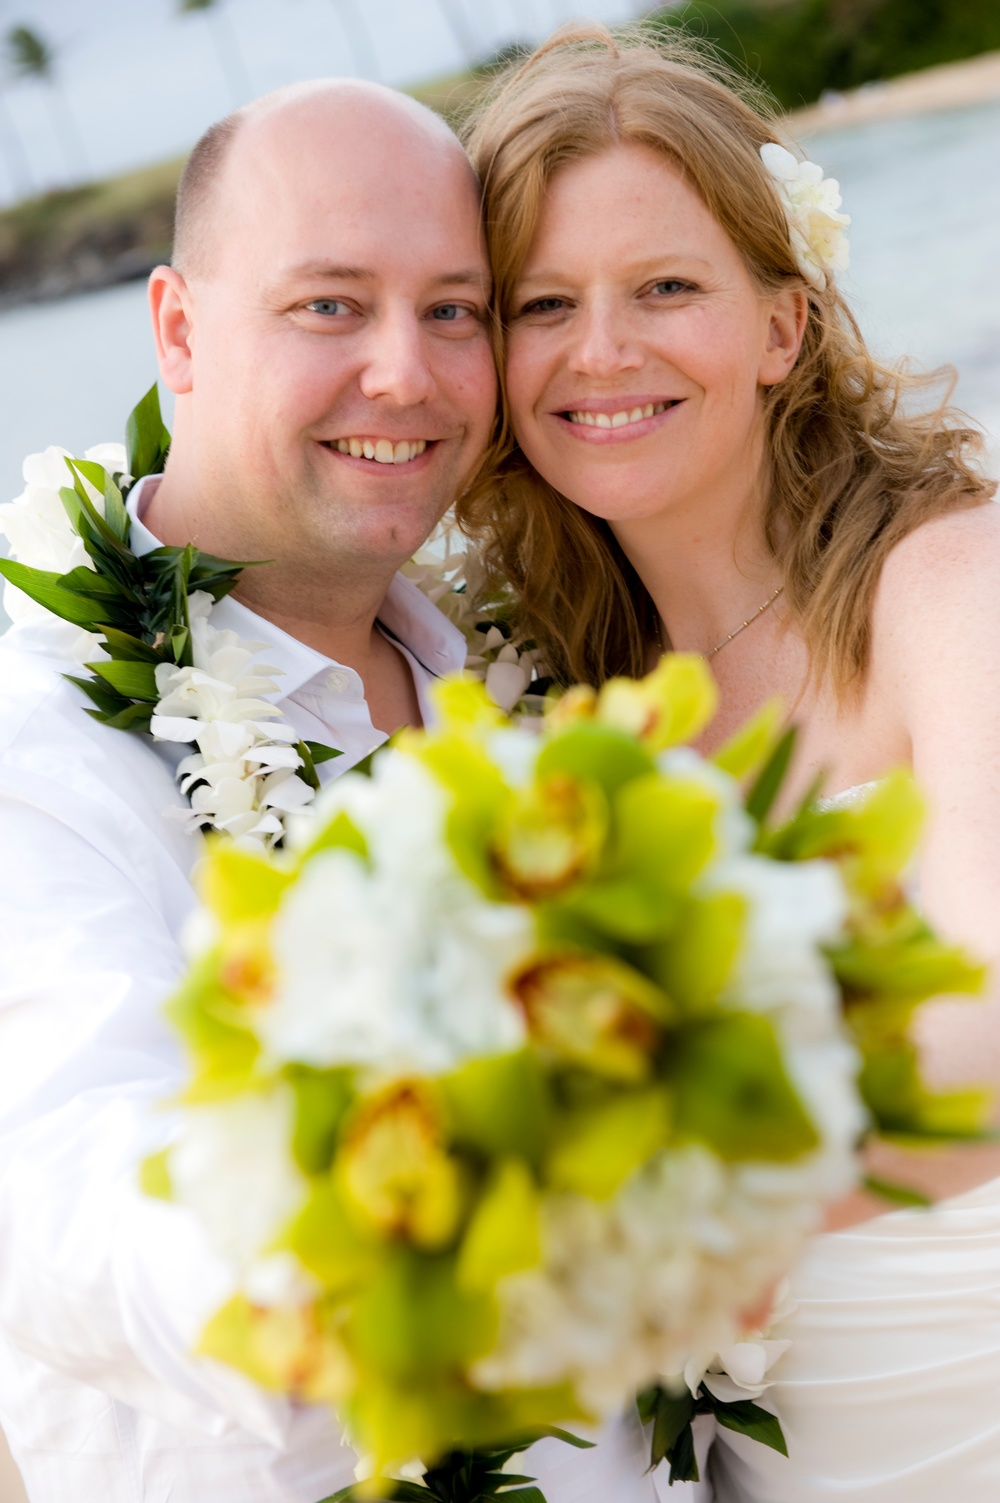 Wedding++31724-1852468581-O.jpg